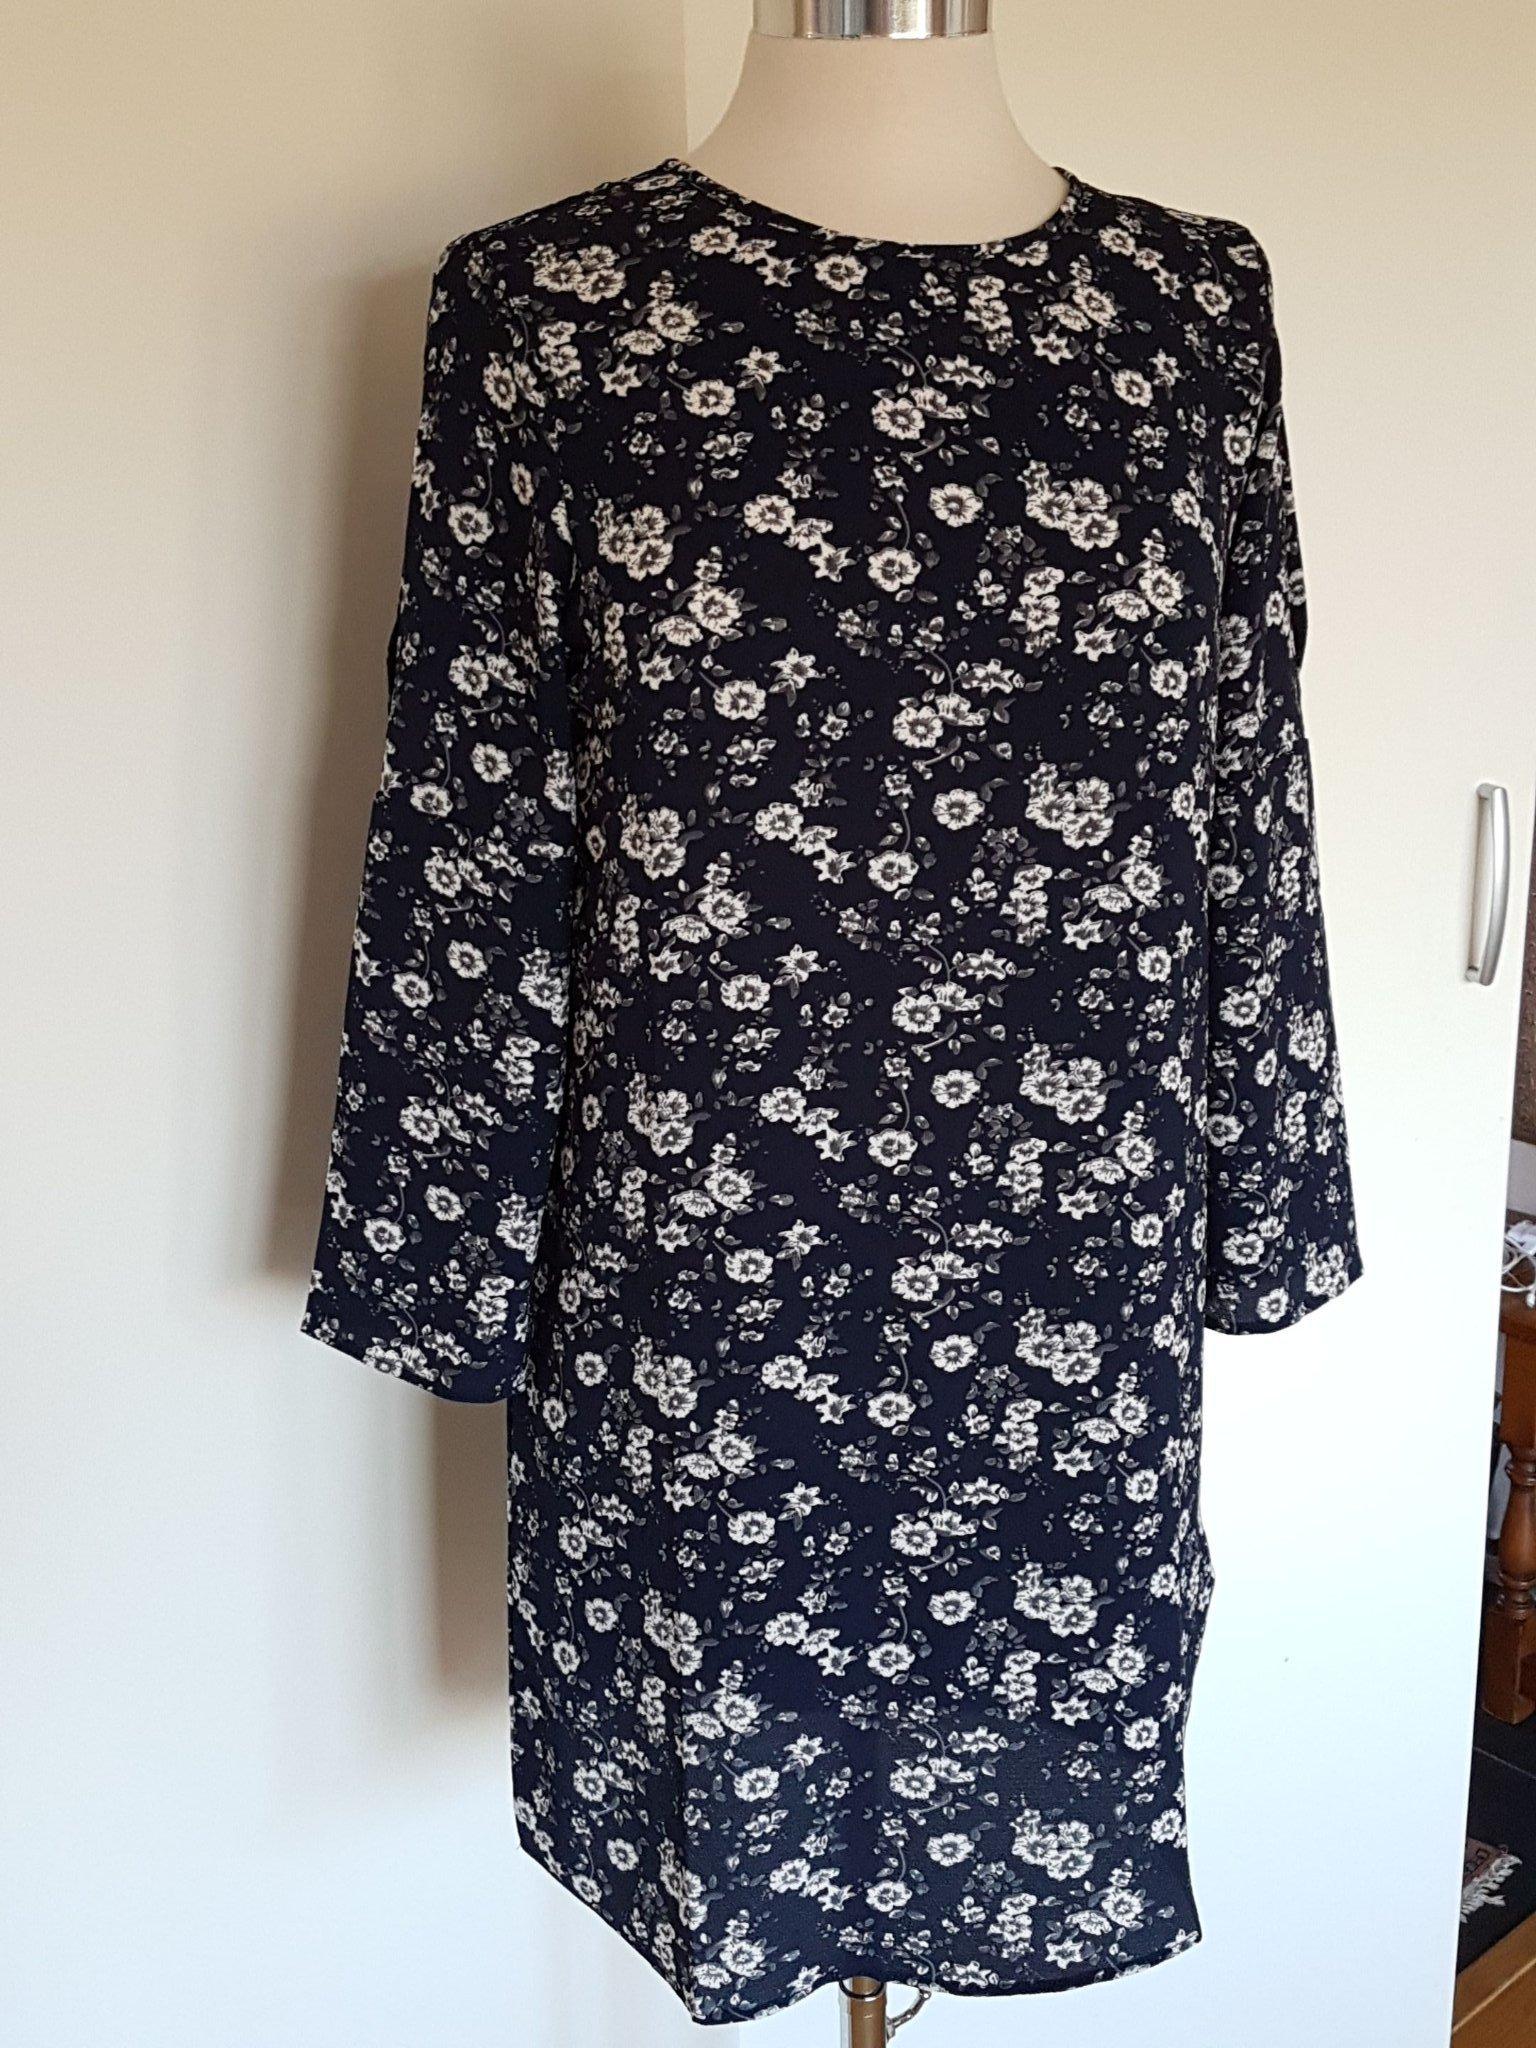 67426632562e Fin marin blommig klänning Jacqueline de Yong s.. (347308962) ᐈ Köp ...